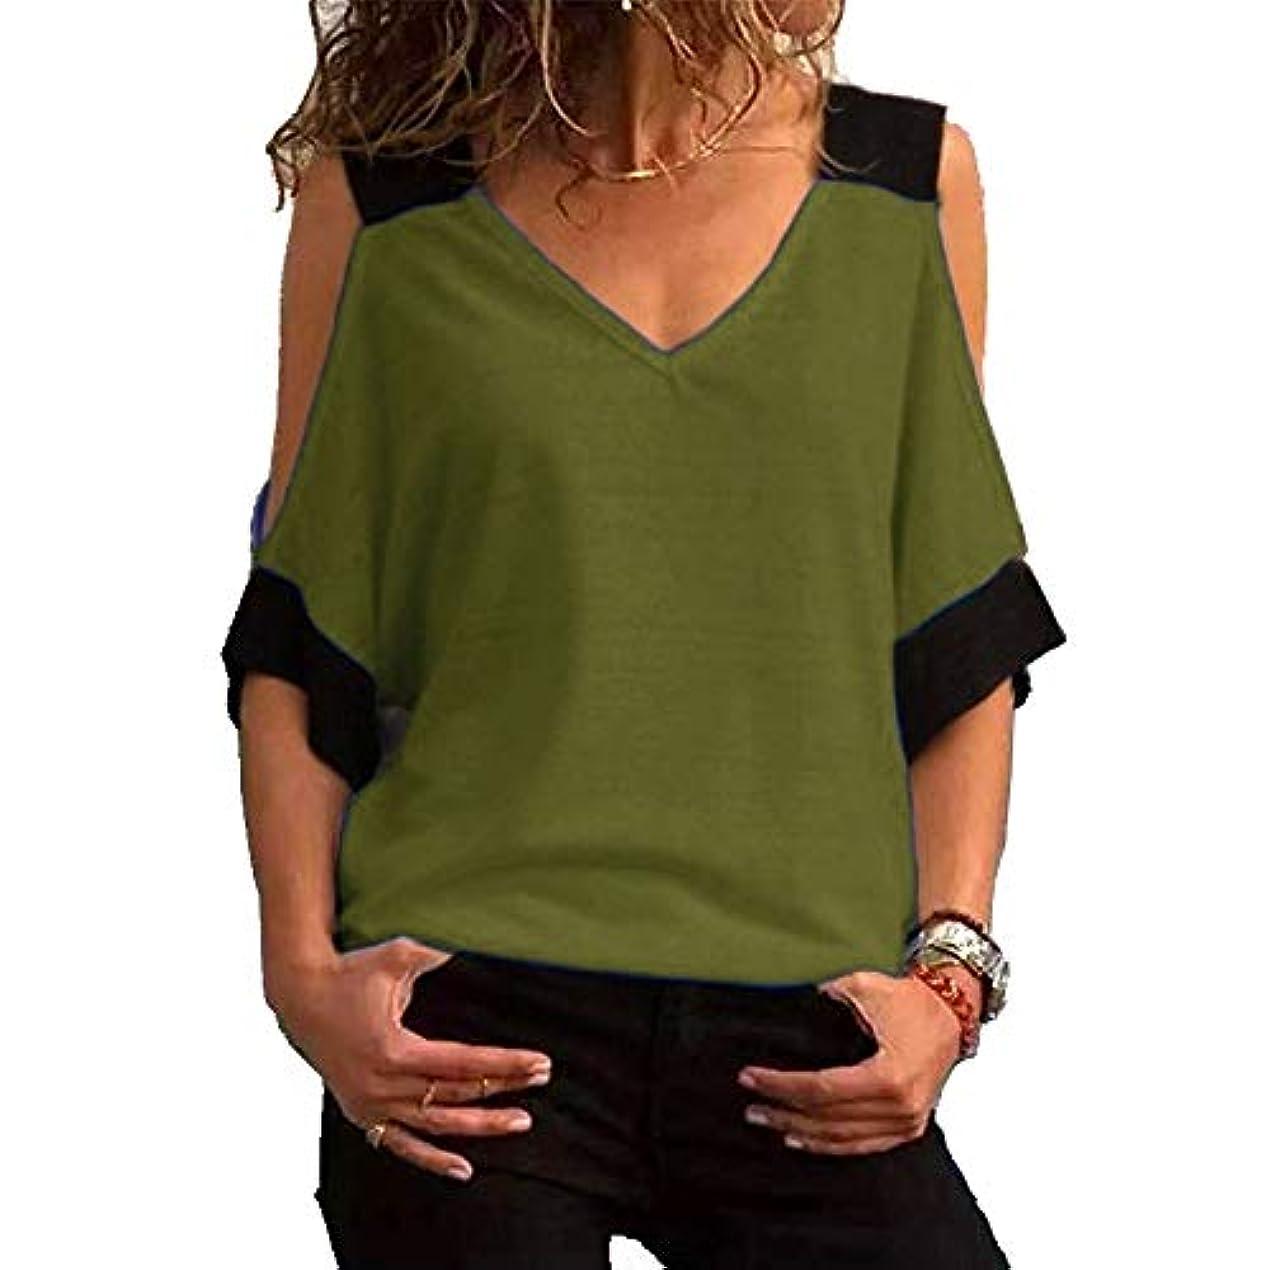 置き場ホーム憧れMIFAN女性ファッションカジュアルトップス女性ショルダーブラウスコットンTシャツディープVネック半袖